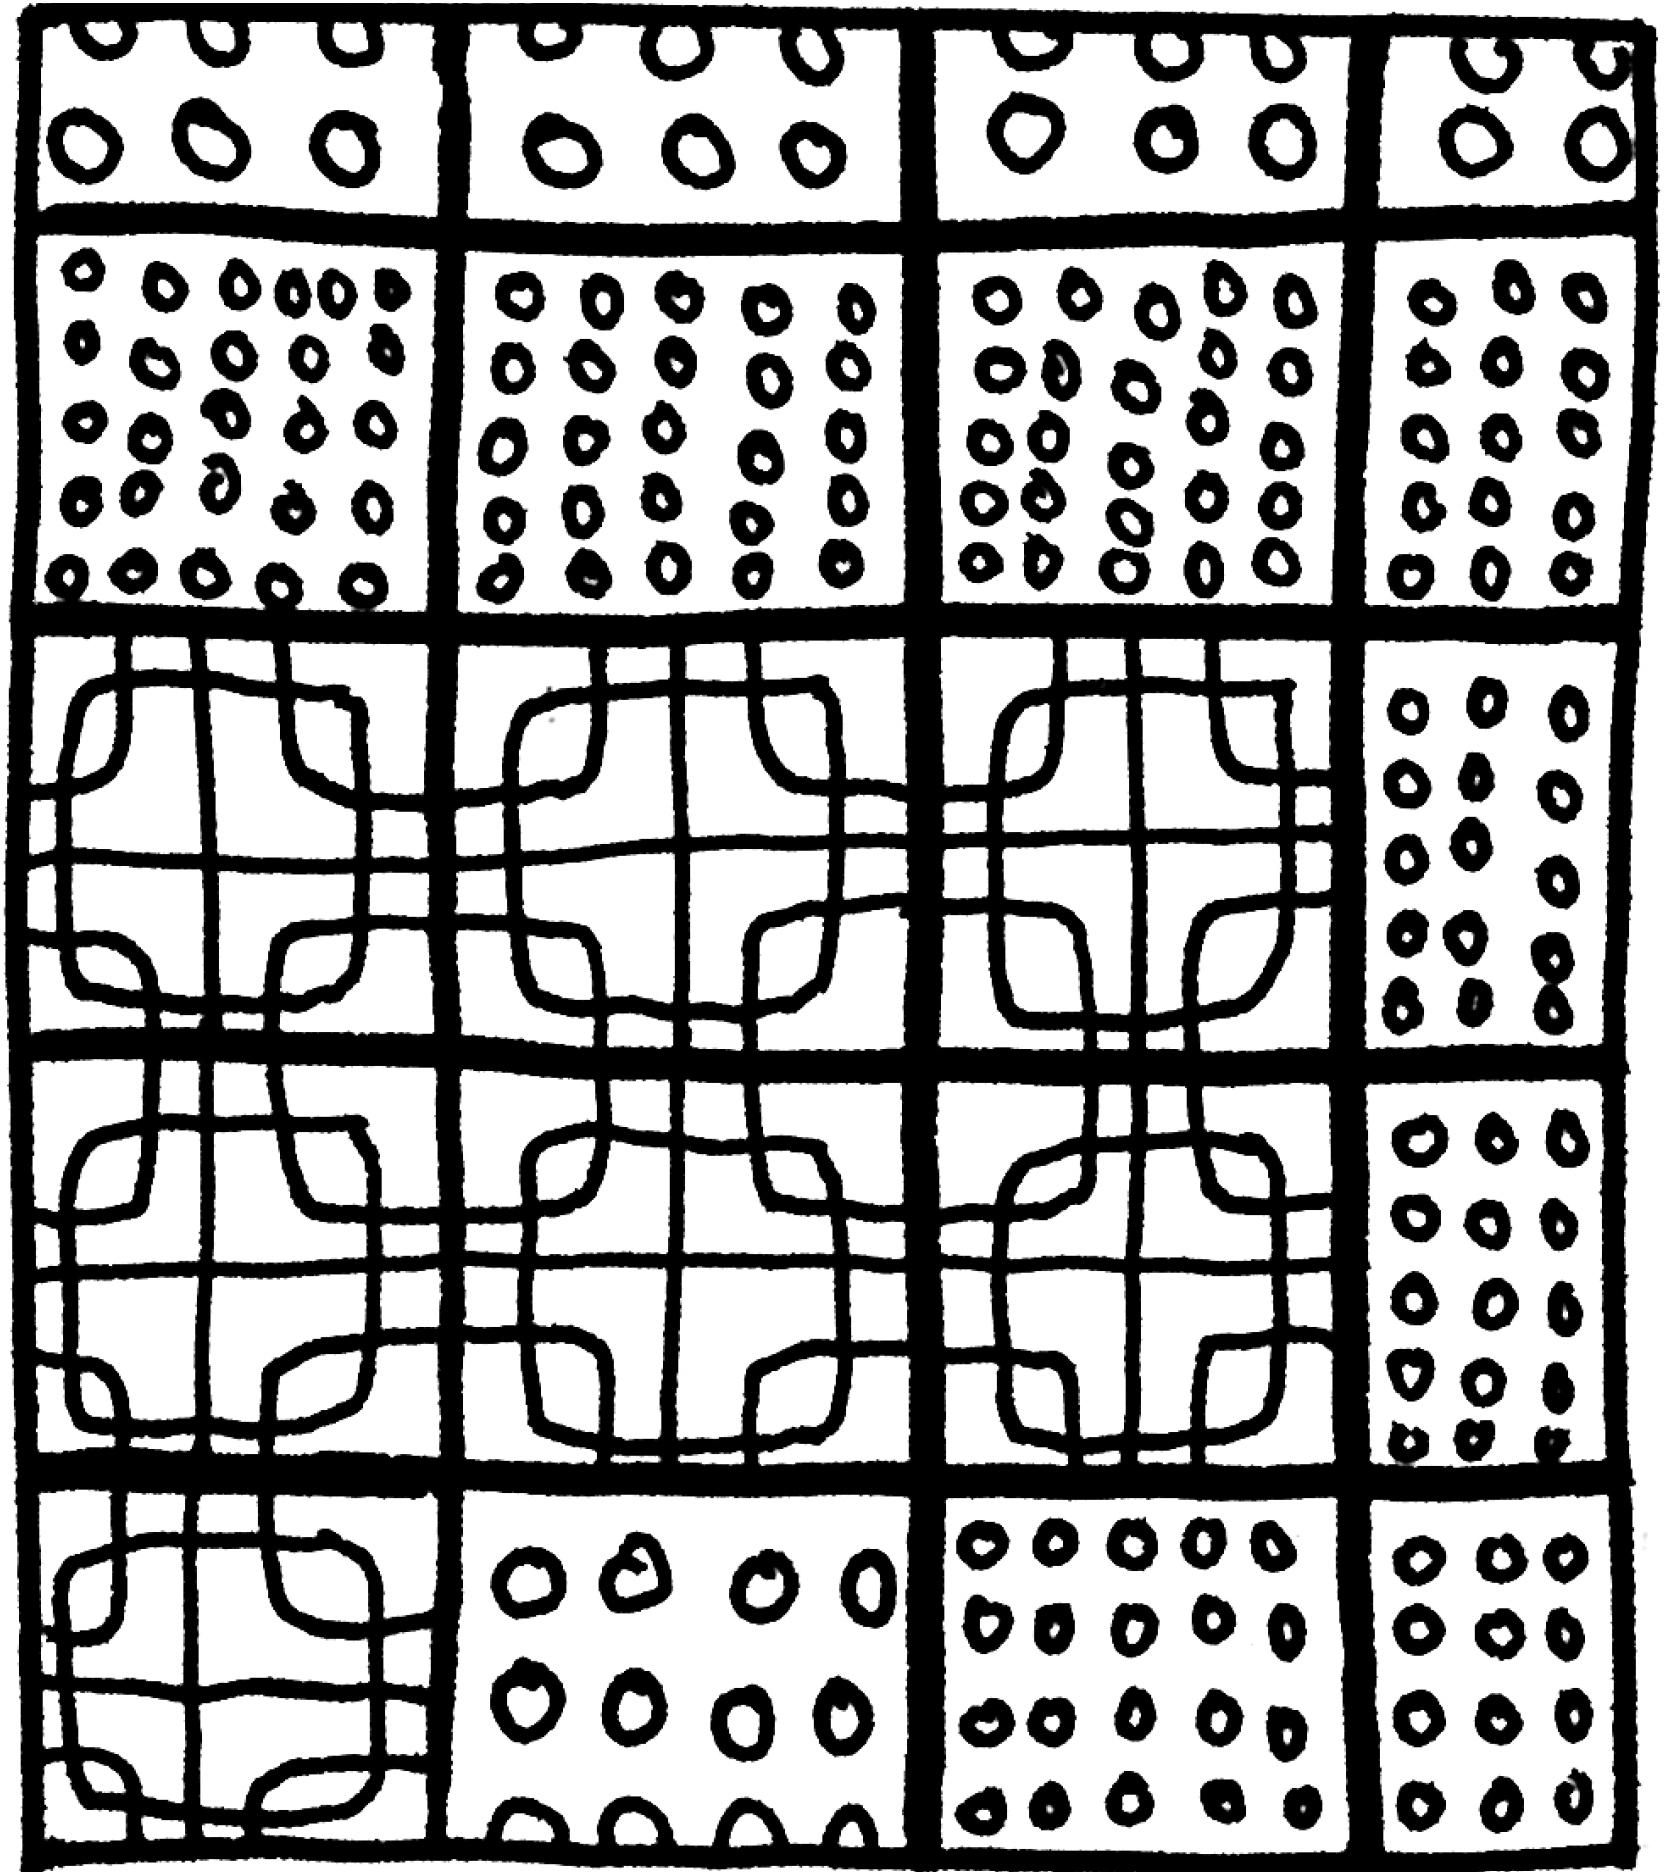 Valencia_patterns26.jpg